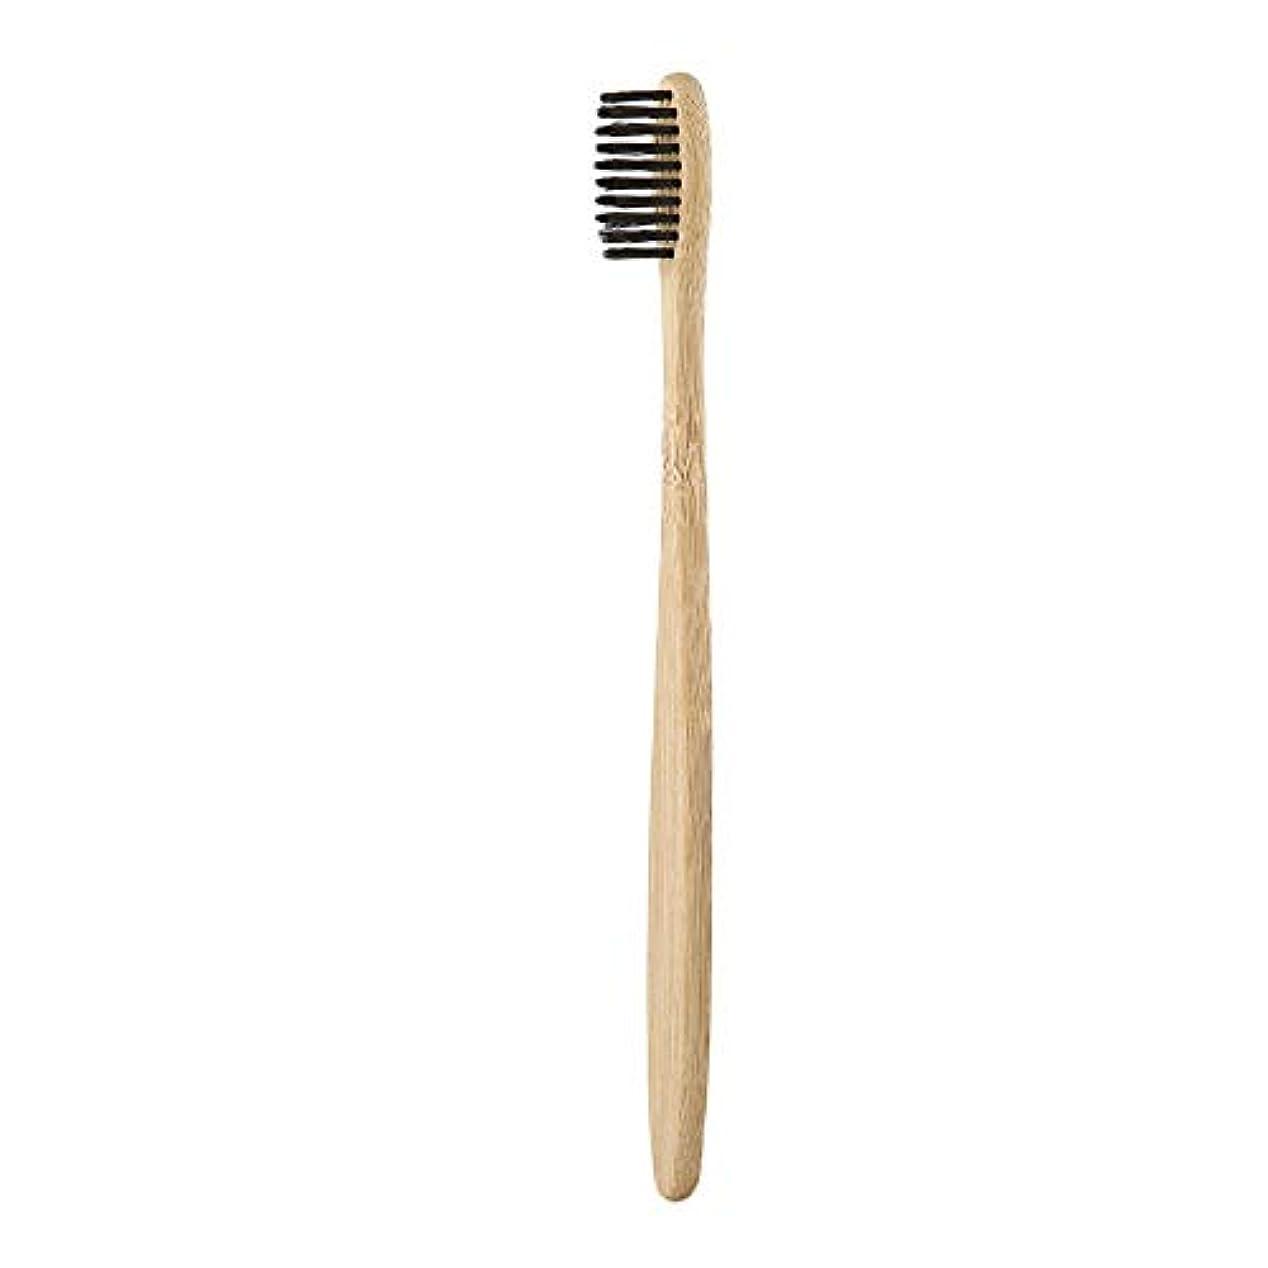 天気錫刈る手作りの快適な環境に優しい環境歯ブラシ竹ハンドル歯ブラシ炭毛健康オーラルケア-ウッドカラー